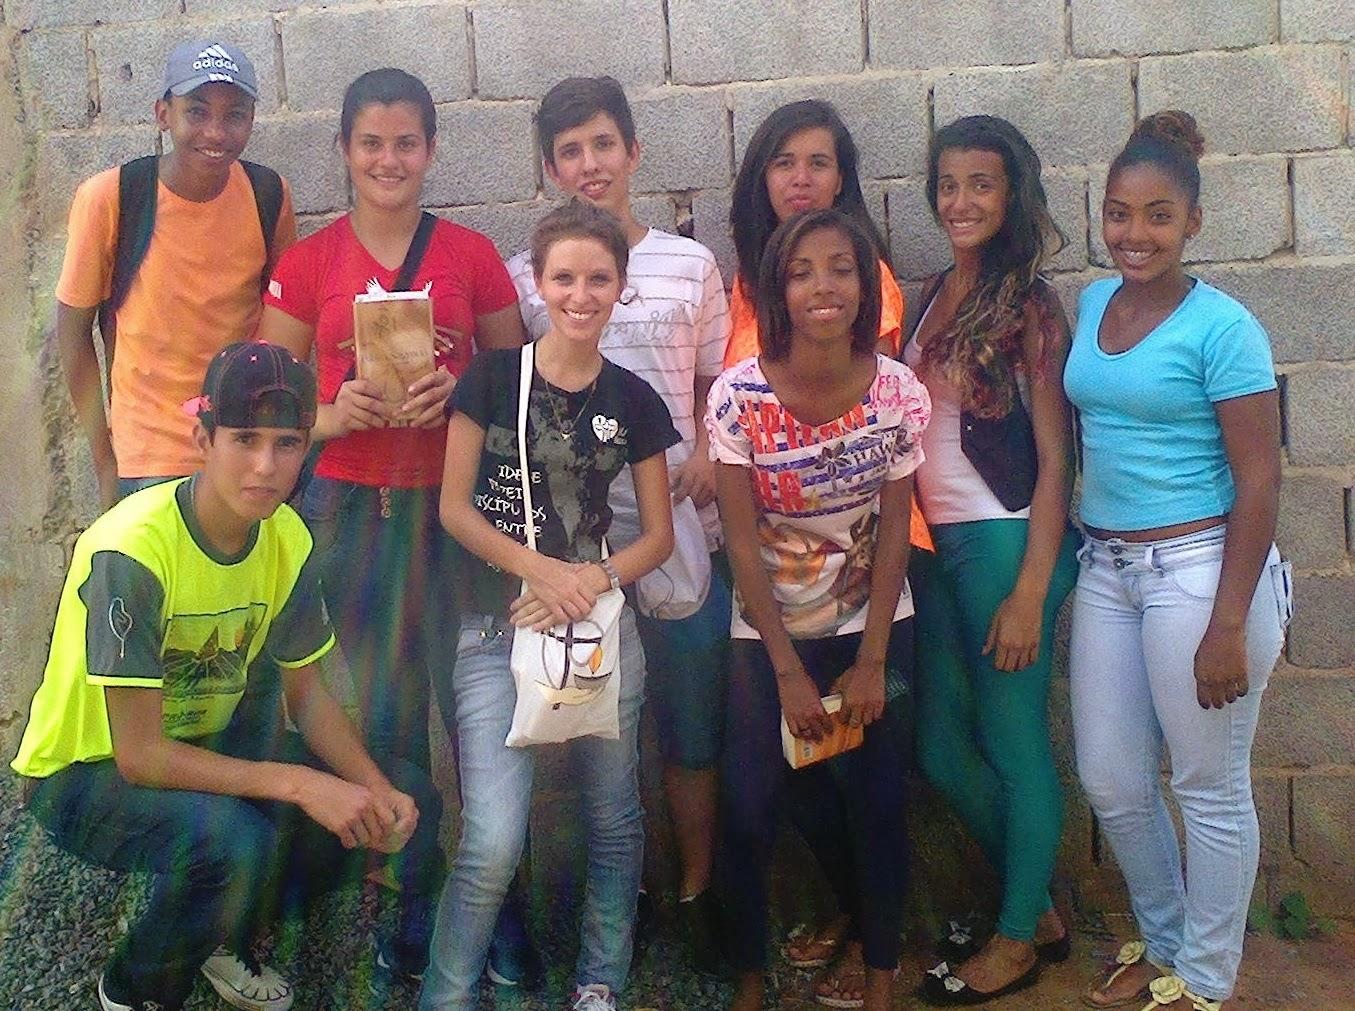 Juventude Missionária inicia suas atividades em Varginha (MG)